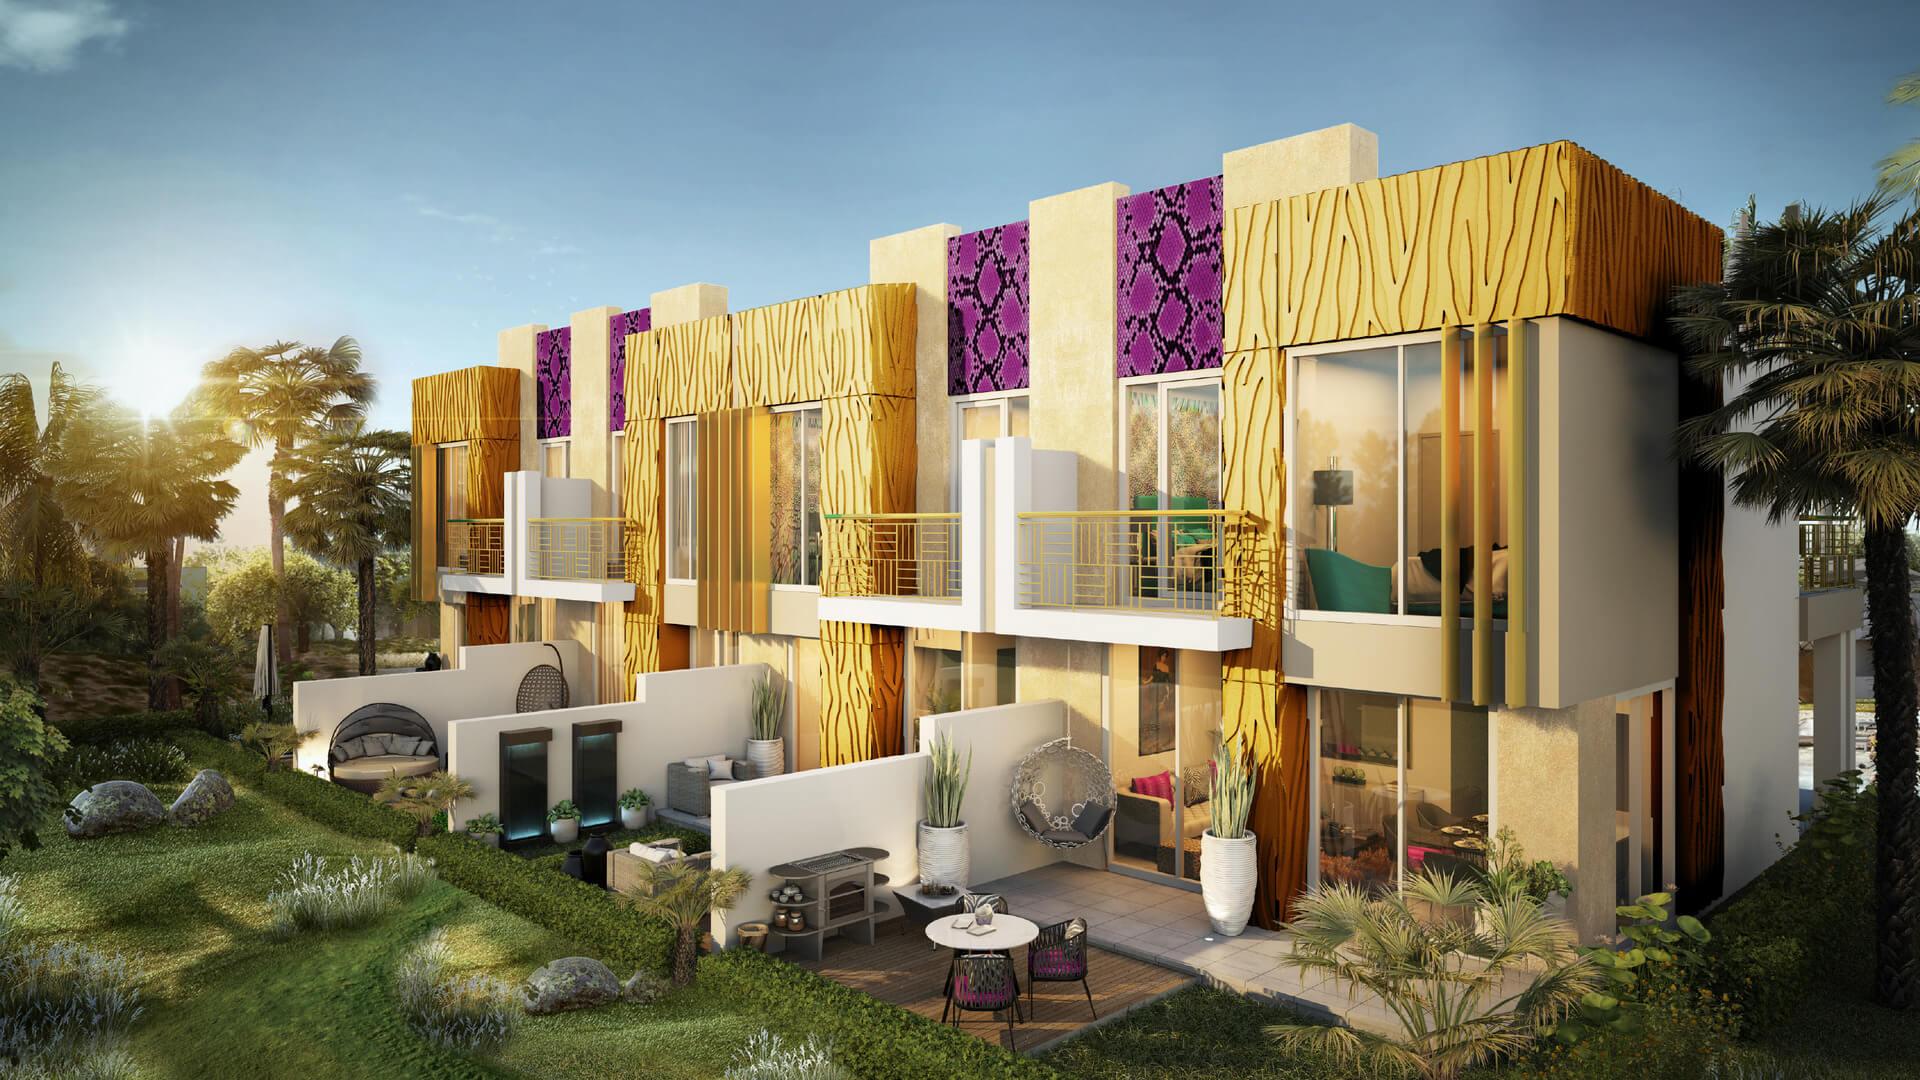 Adosado en venta en Dubai, EAU, 3 dormitorios, 152 m2, № 24054 – foto 2